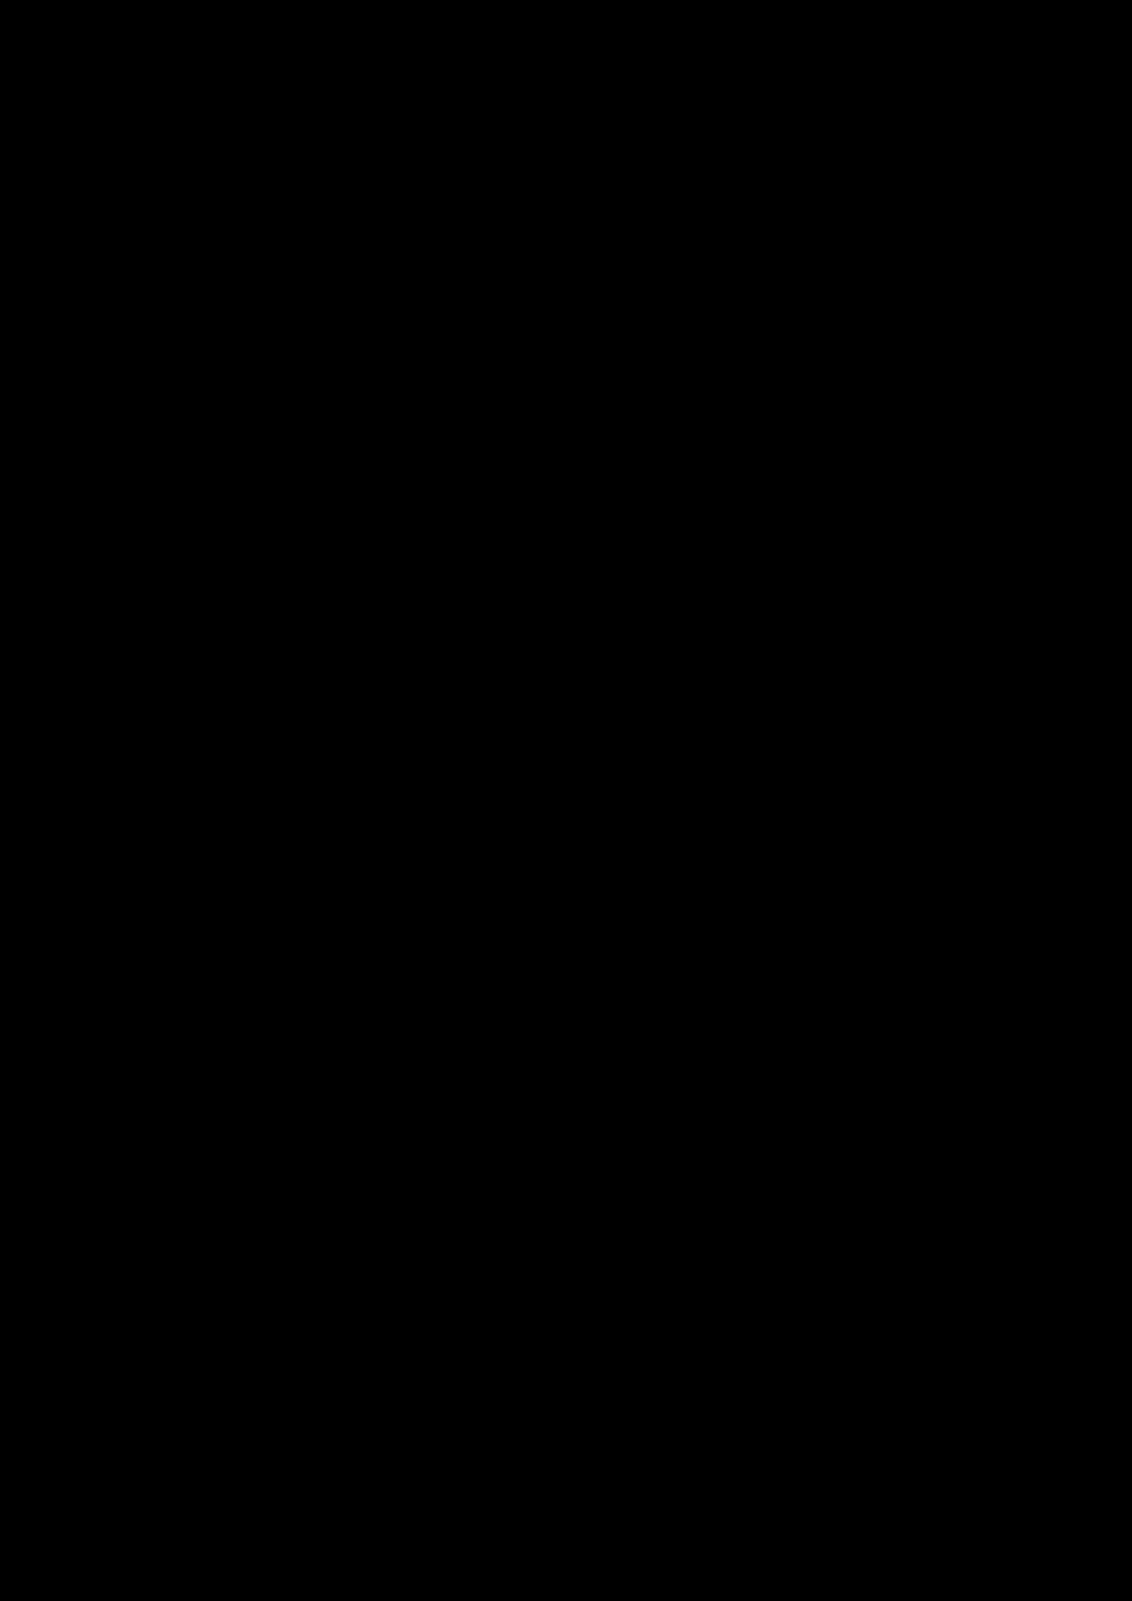 Zagadka volshebnoy stranyi slide, Image 174